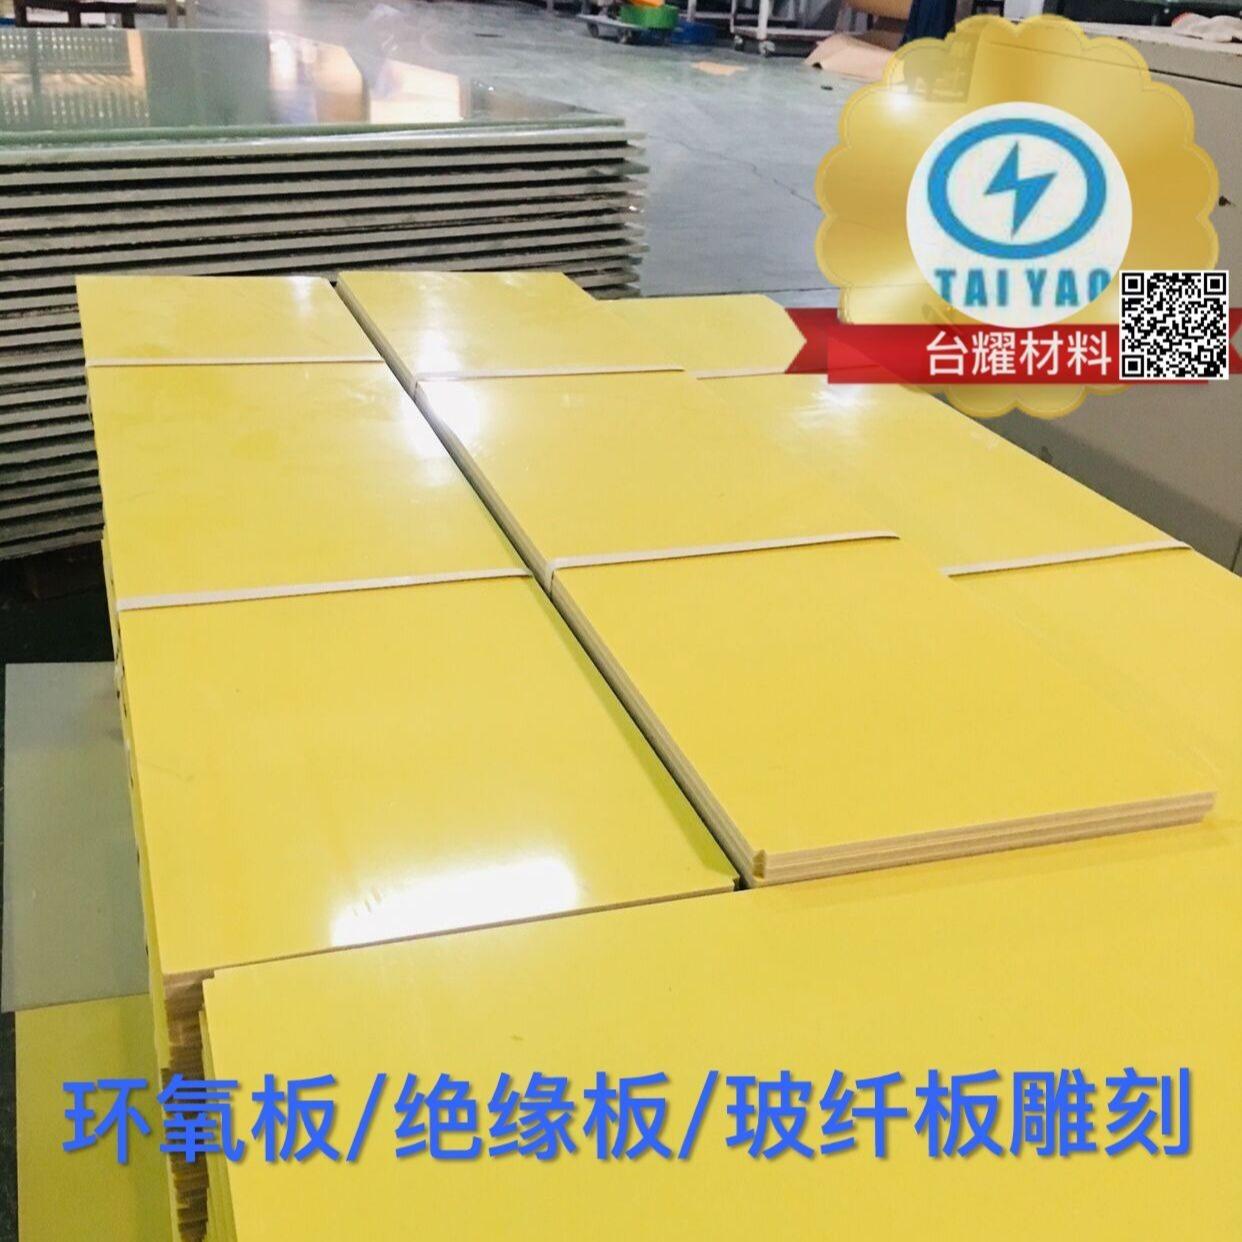 台耀环氧板厂家  3240环氧板 3240环氧板加工  环氧酚醛板  环氧布板  黄色环氧板